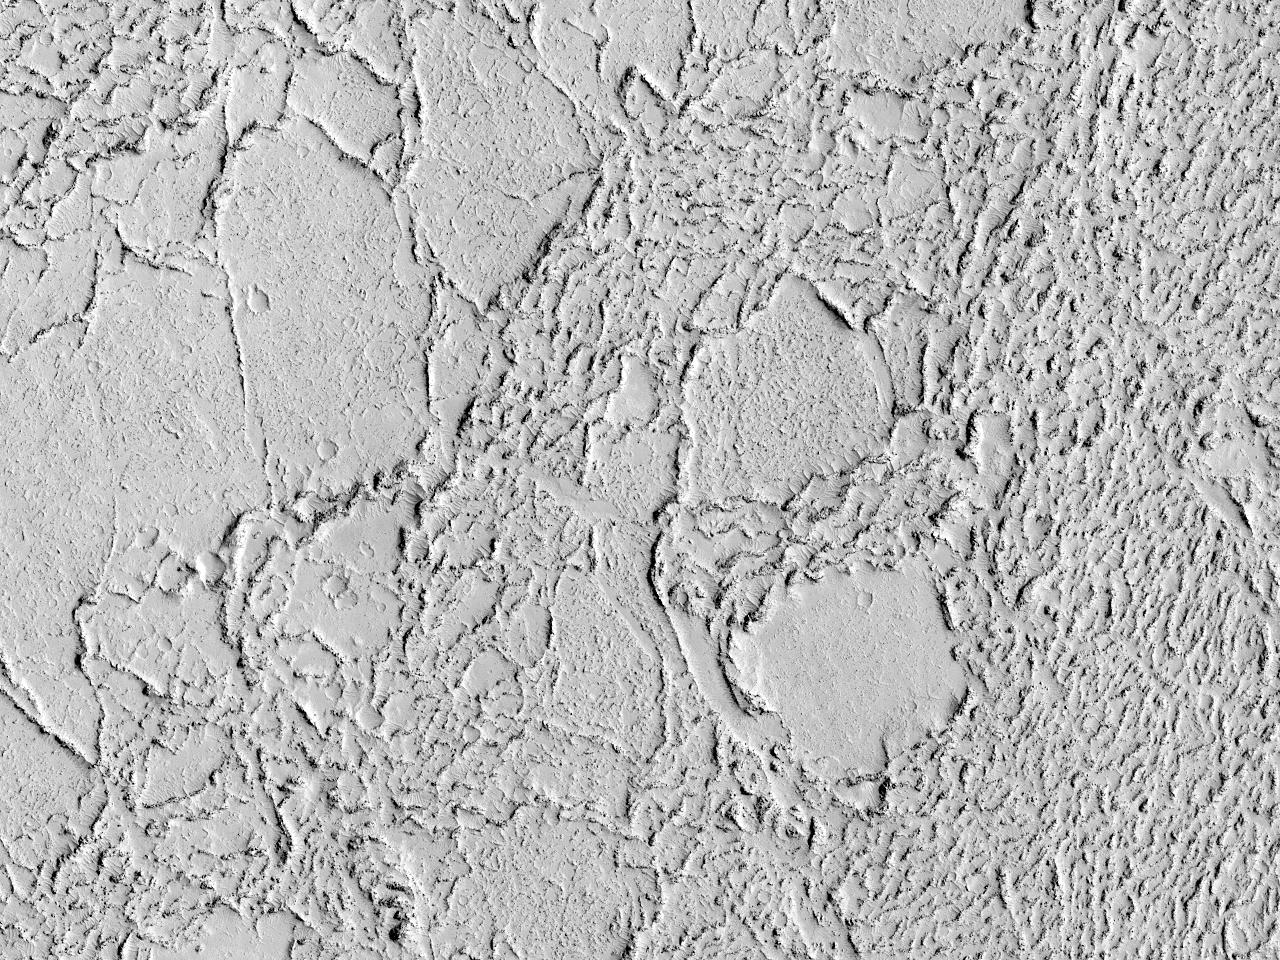 Cicatrices de flujos de lava en Elysium Planitia